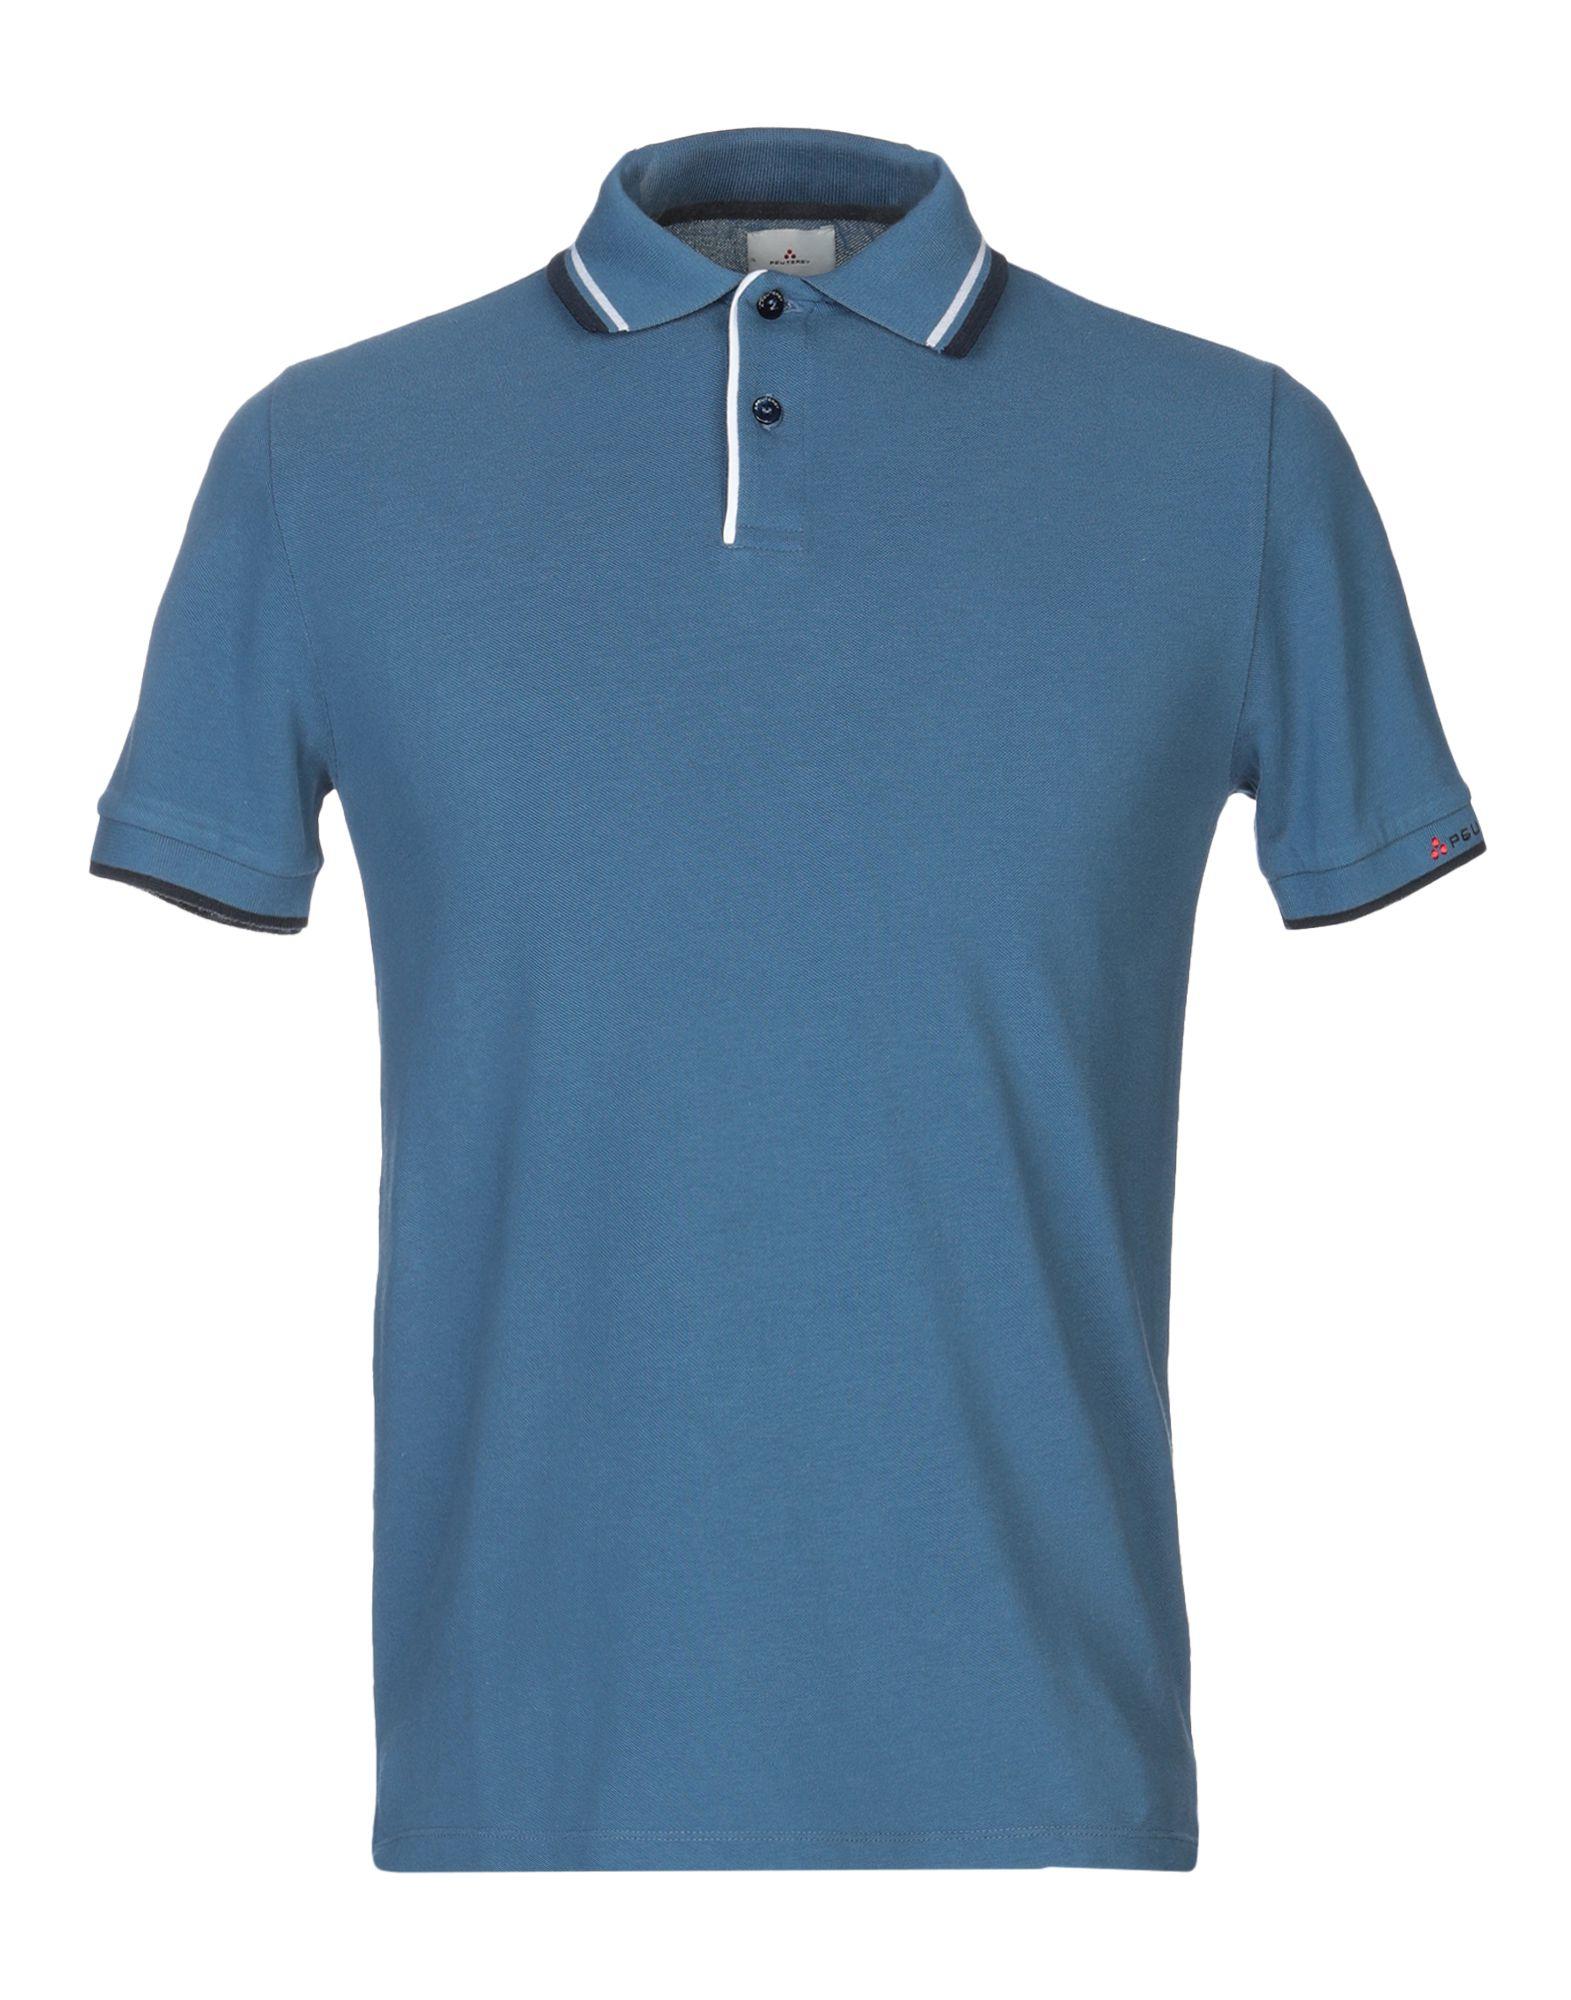 《送料無料》PEUTEREY メンズ ポロシャツ アジュールブルー XS コットン 100%